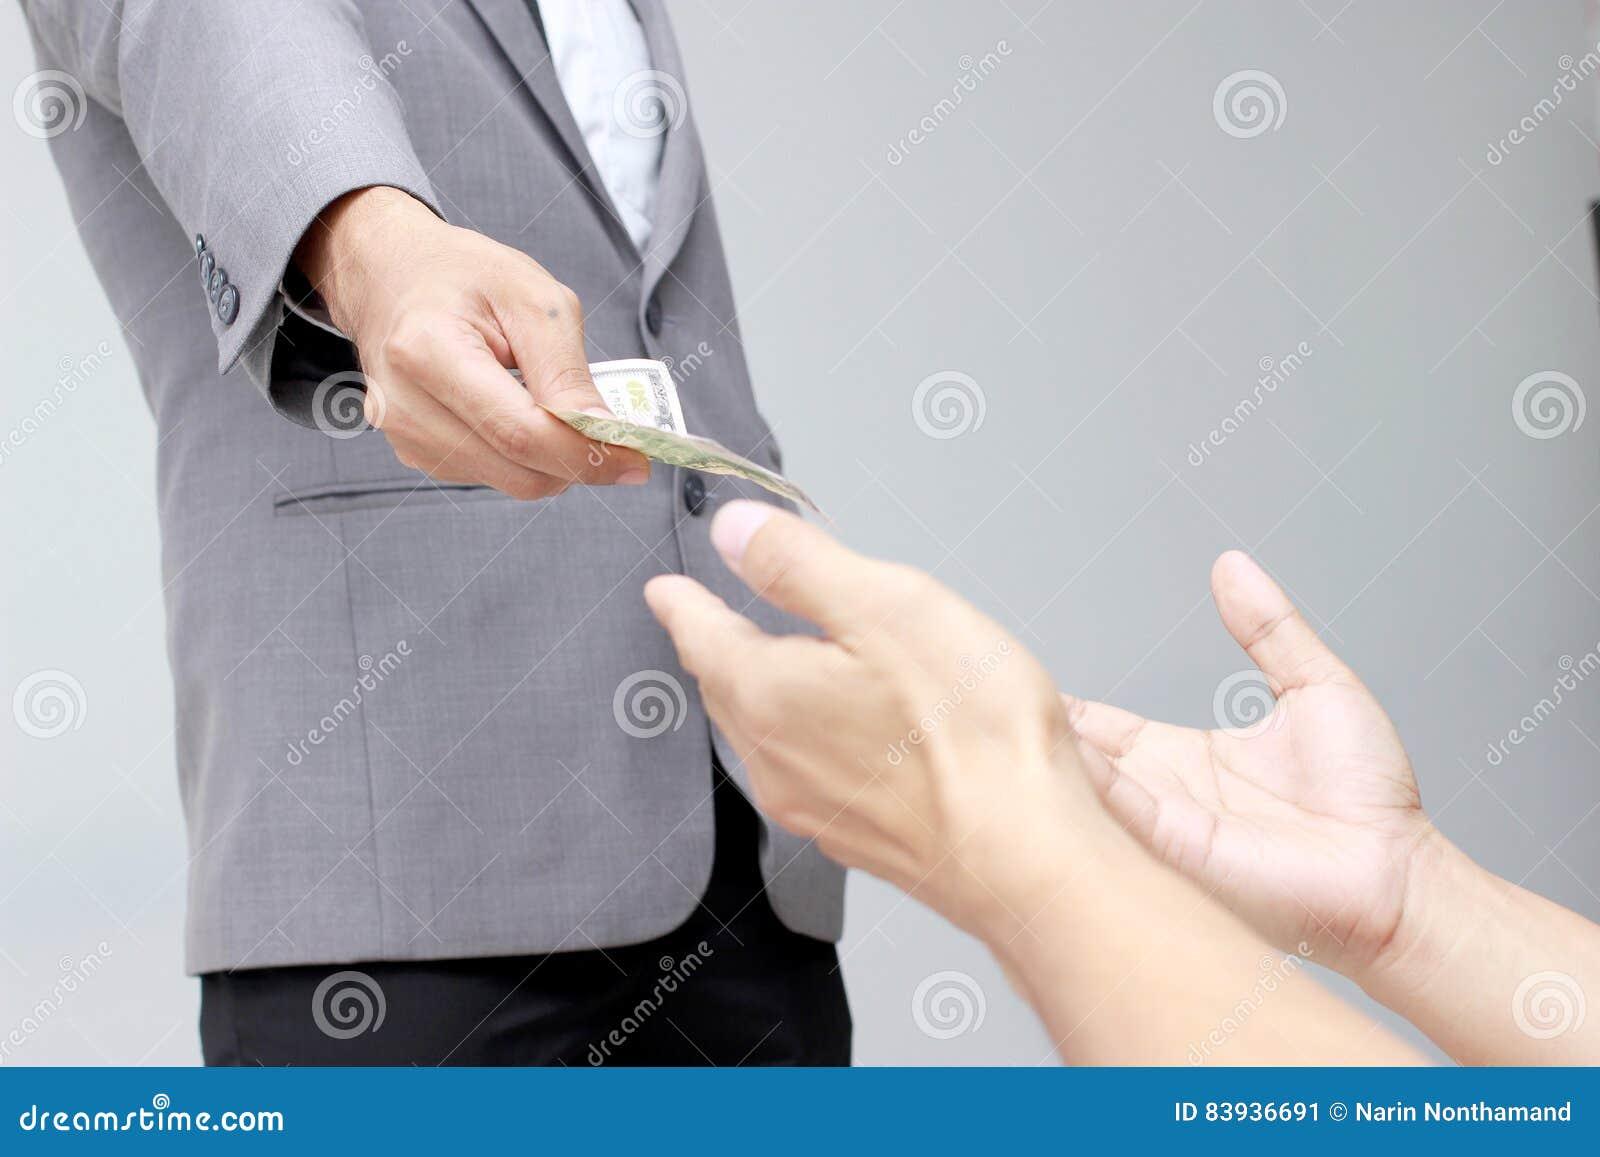 Biznesmen ręki mienia dolar amerykański, USD rachunki oferta banknotu dolarowy pieniądze i dawać pieniądze, Płacili dla Coś obok